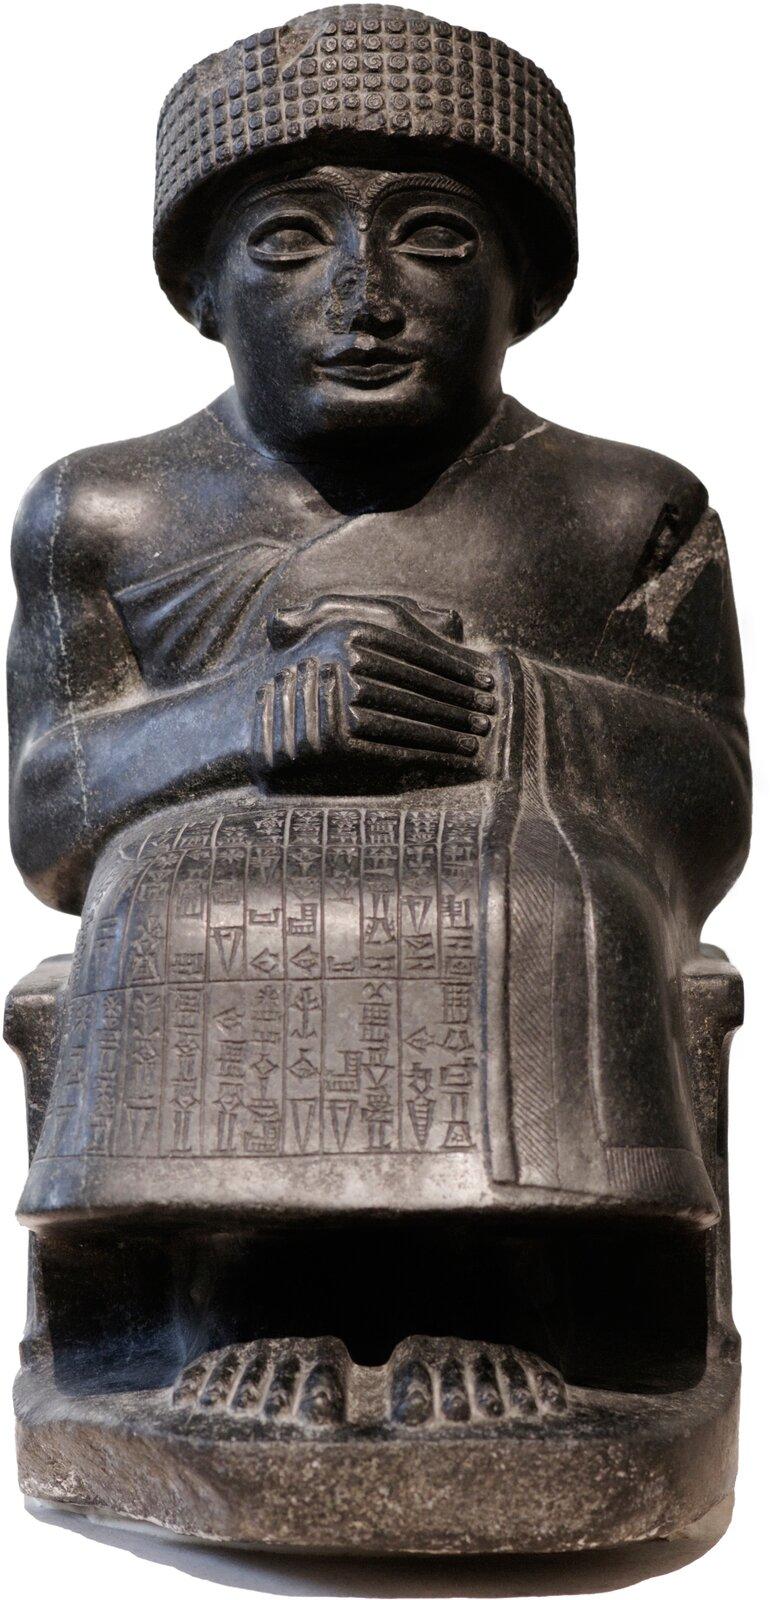 Gudea, władca sumeryjskiego miasta-państwa Lagasz. Posążek przechowywany obecnie wLuwrze wParyżu. Gudea, władca sumeryjskiego miasta-państwa Lagasz. Posążek przechowywany obecnie wLuwrze wParyżu. Źródło: domena publiczna.